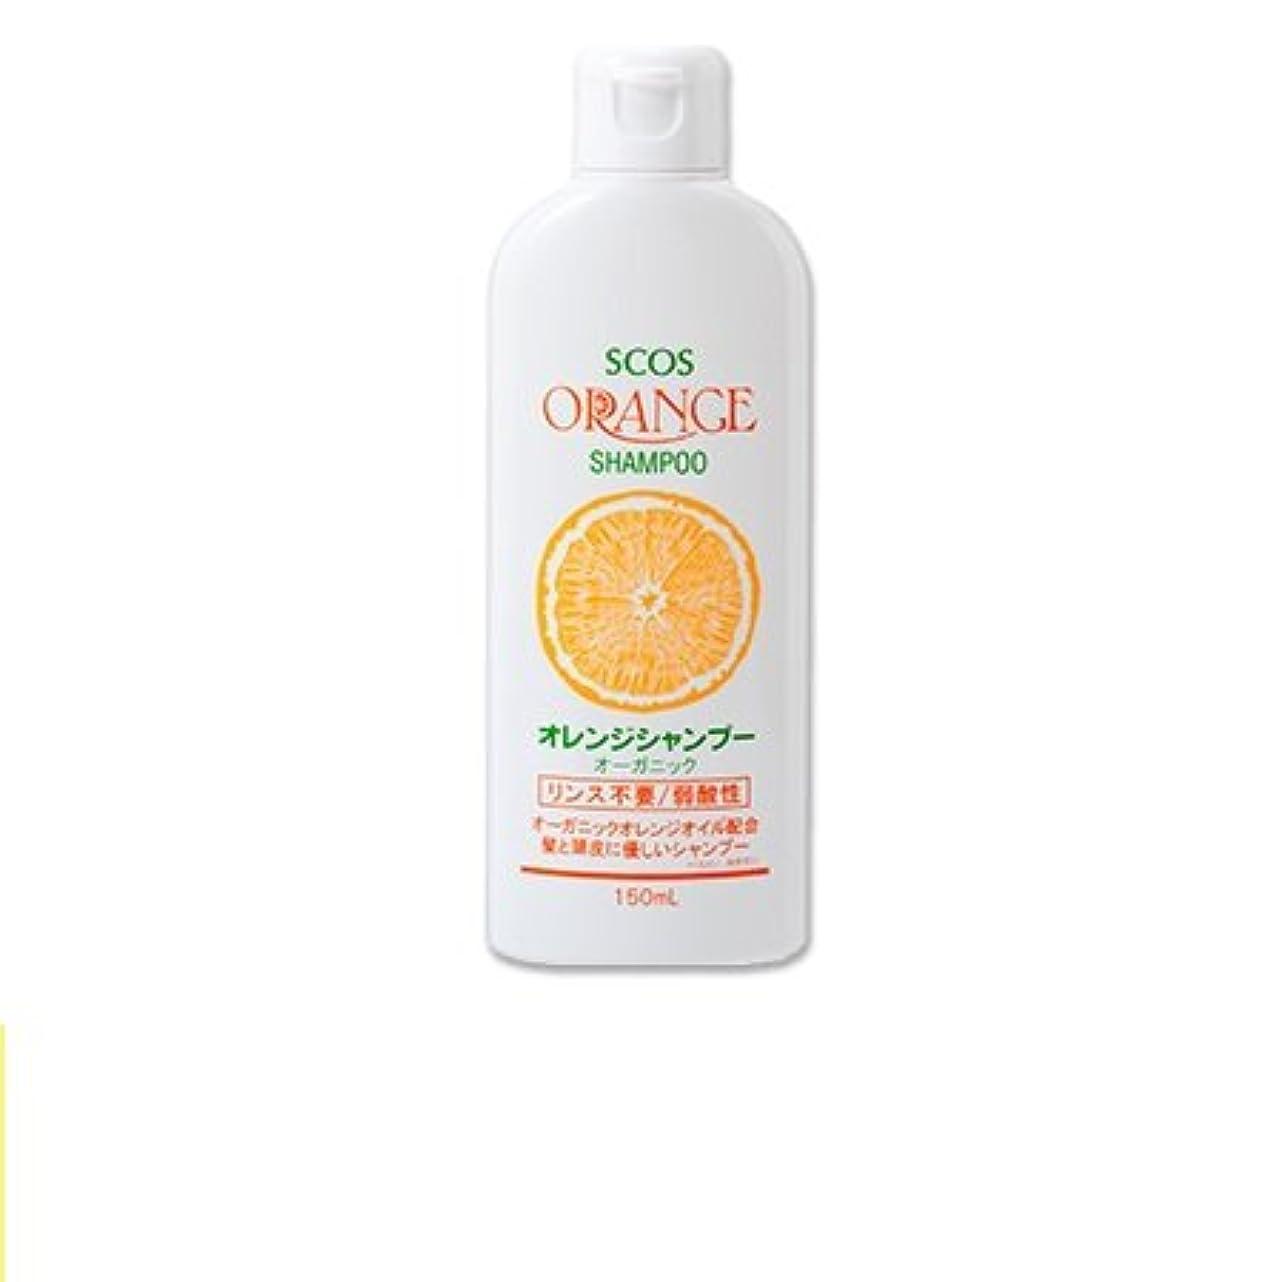 トリップ納得させるこしょうエスコス オレンジシャンプーオーガニック (150ml)